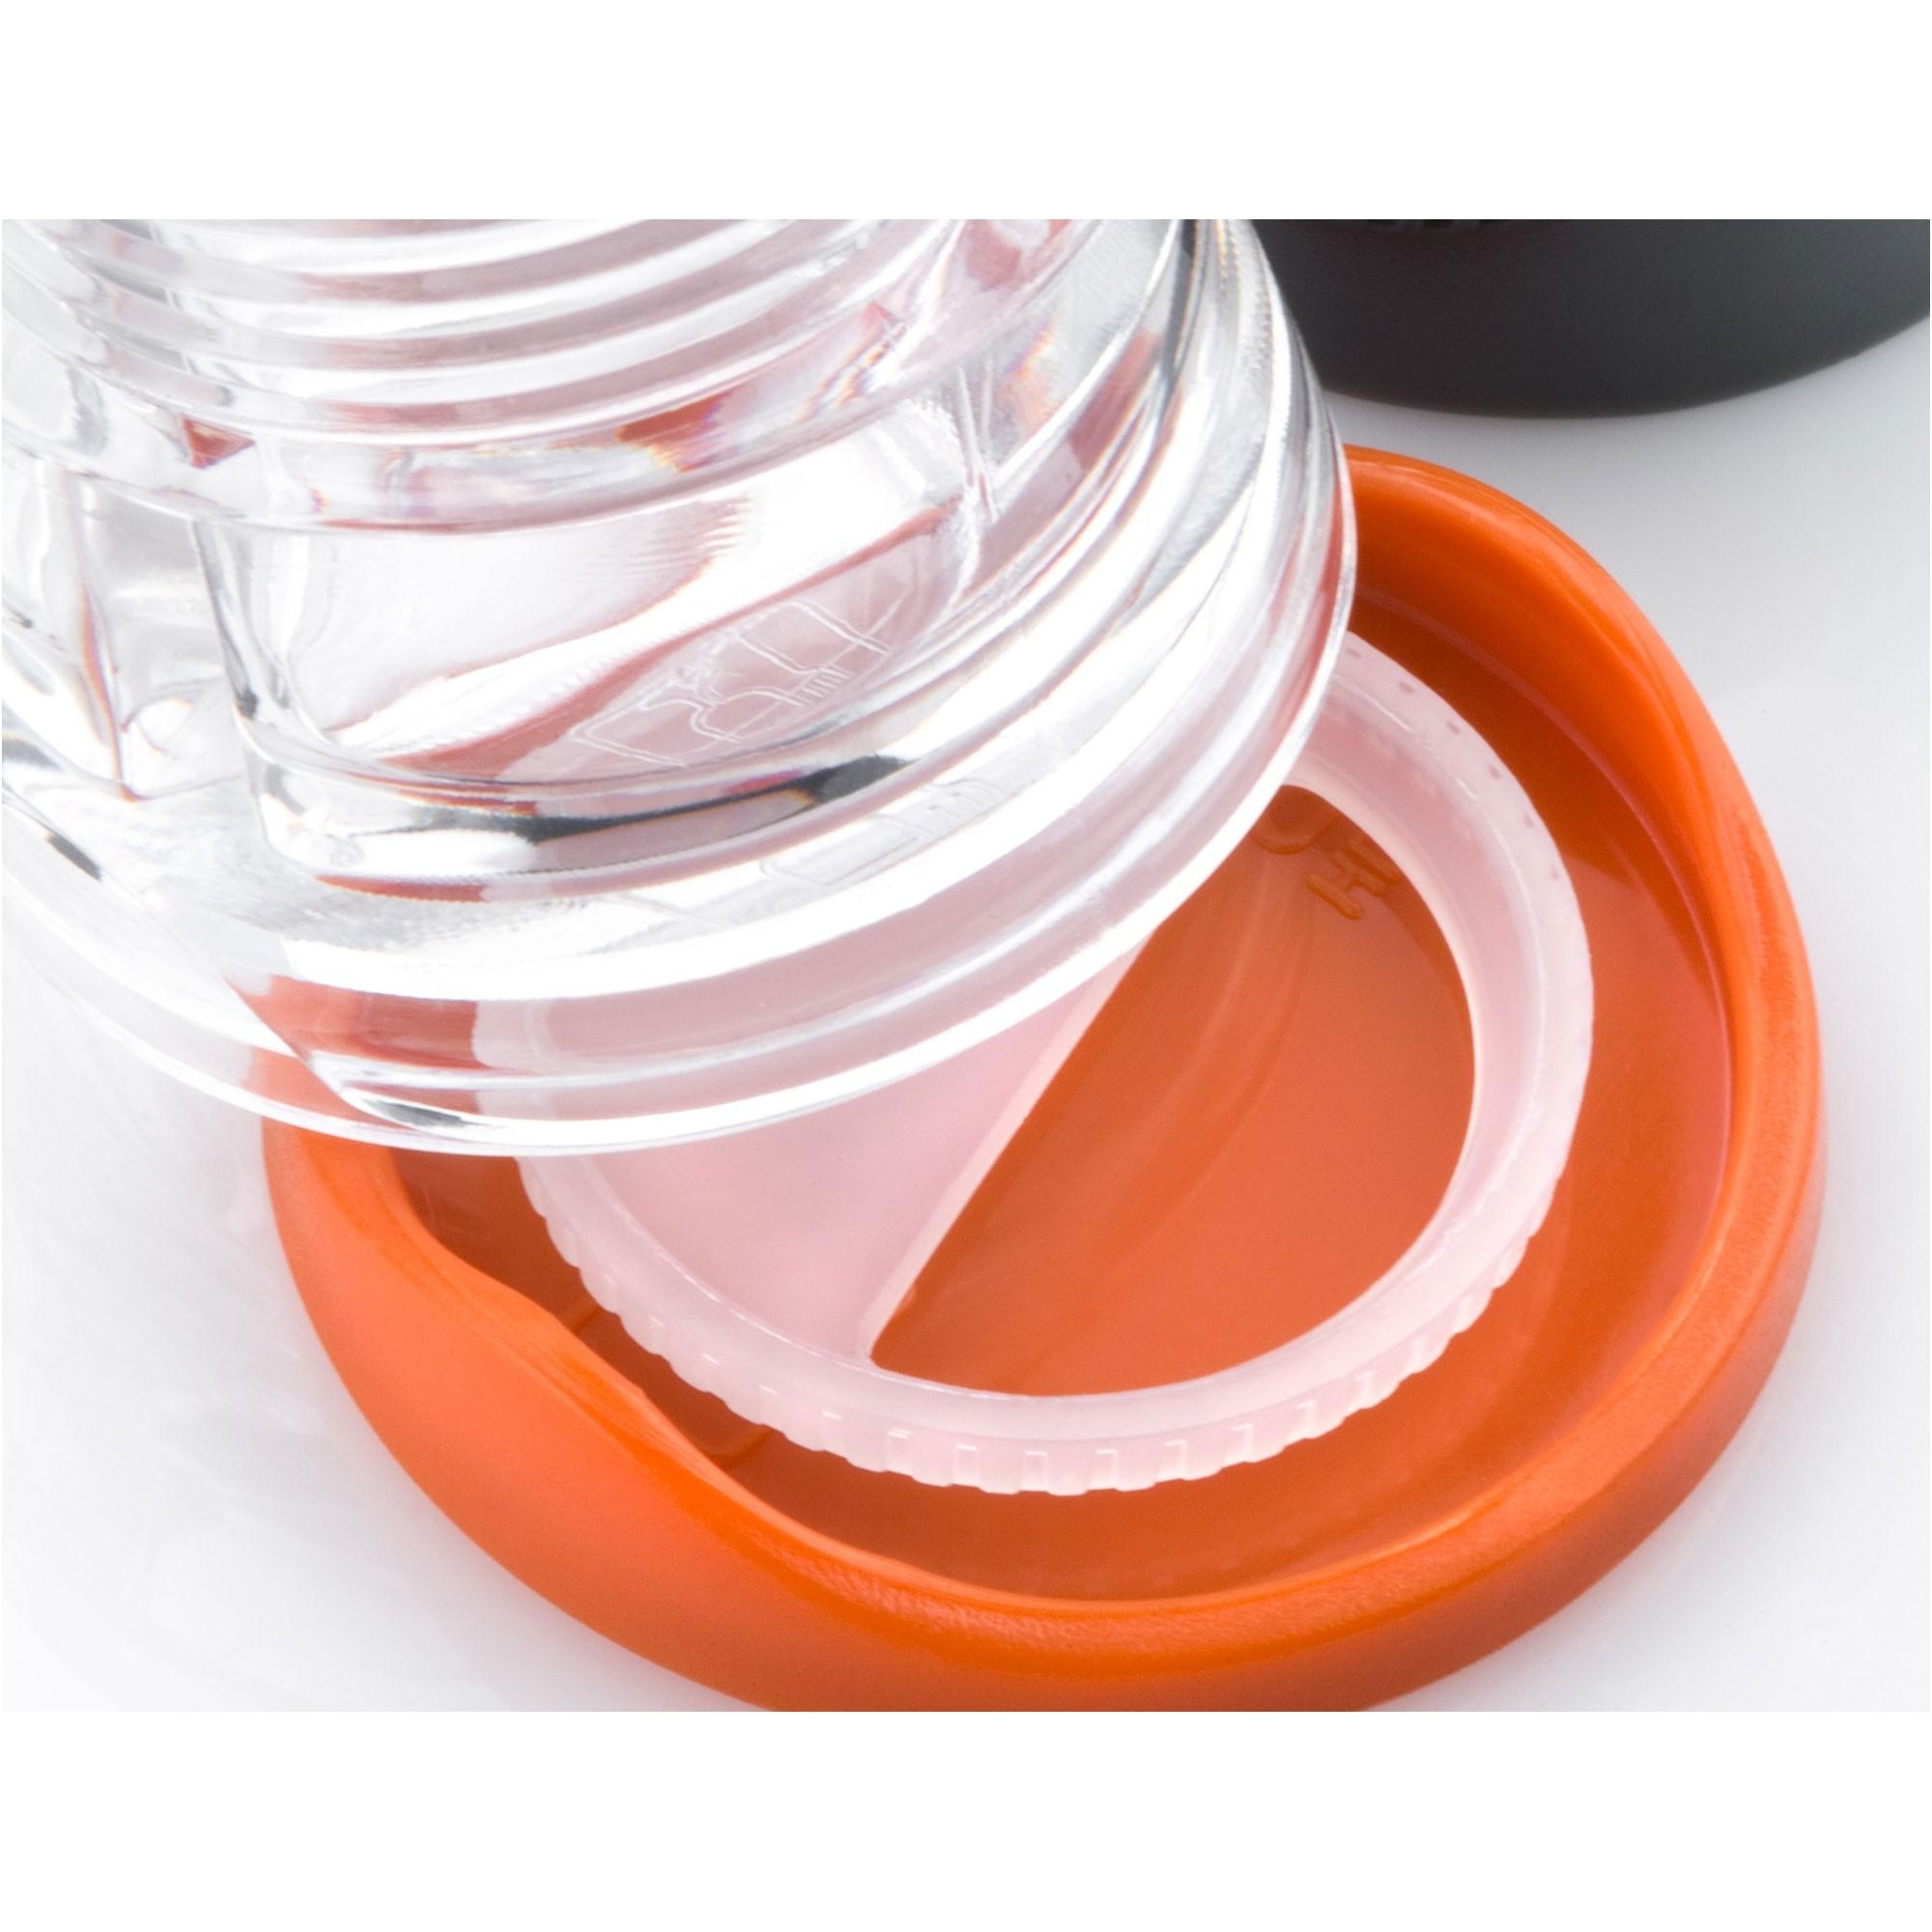 GSI-Ultralite-Salt-&-Pepper-Shaker